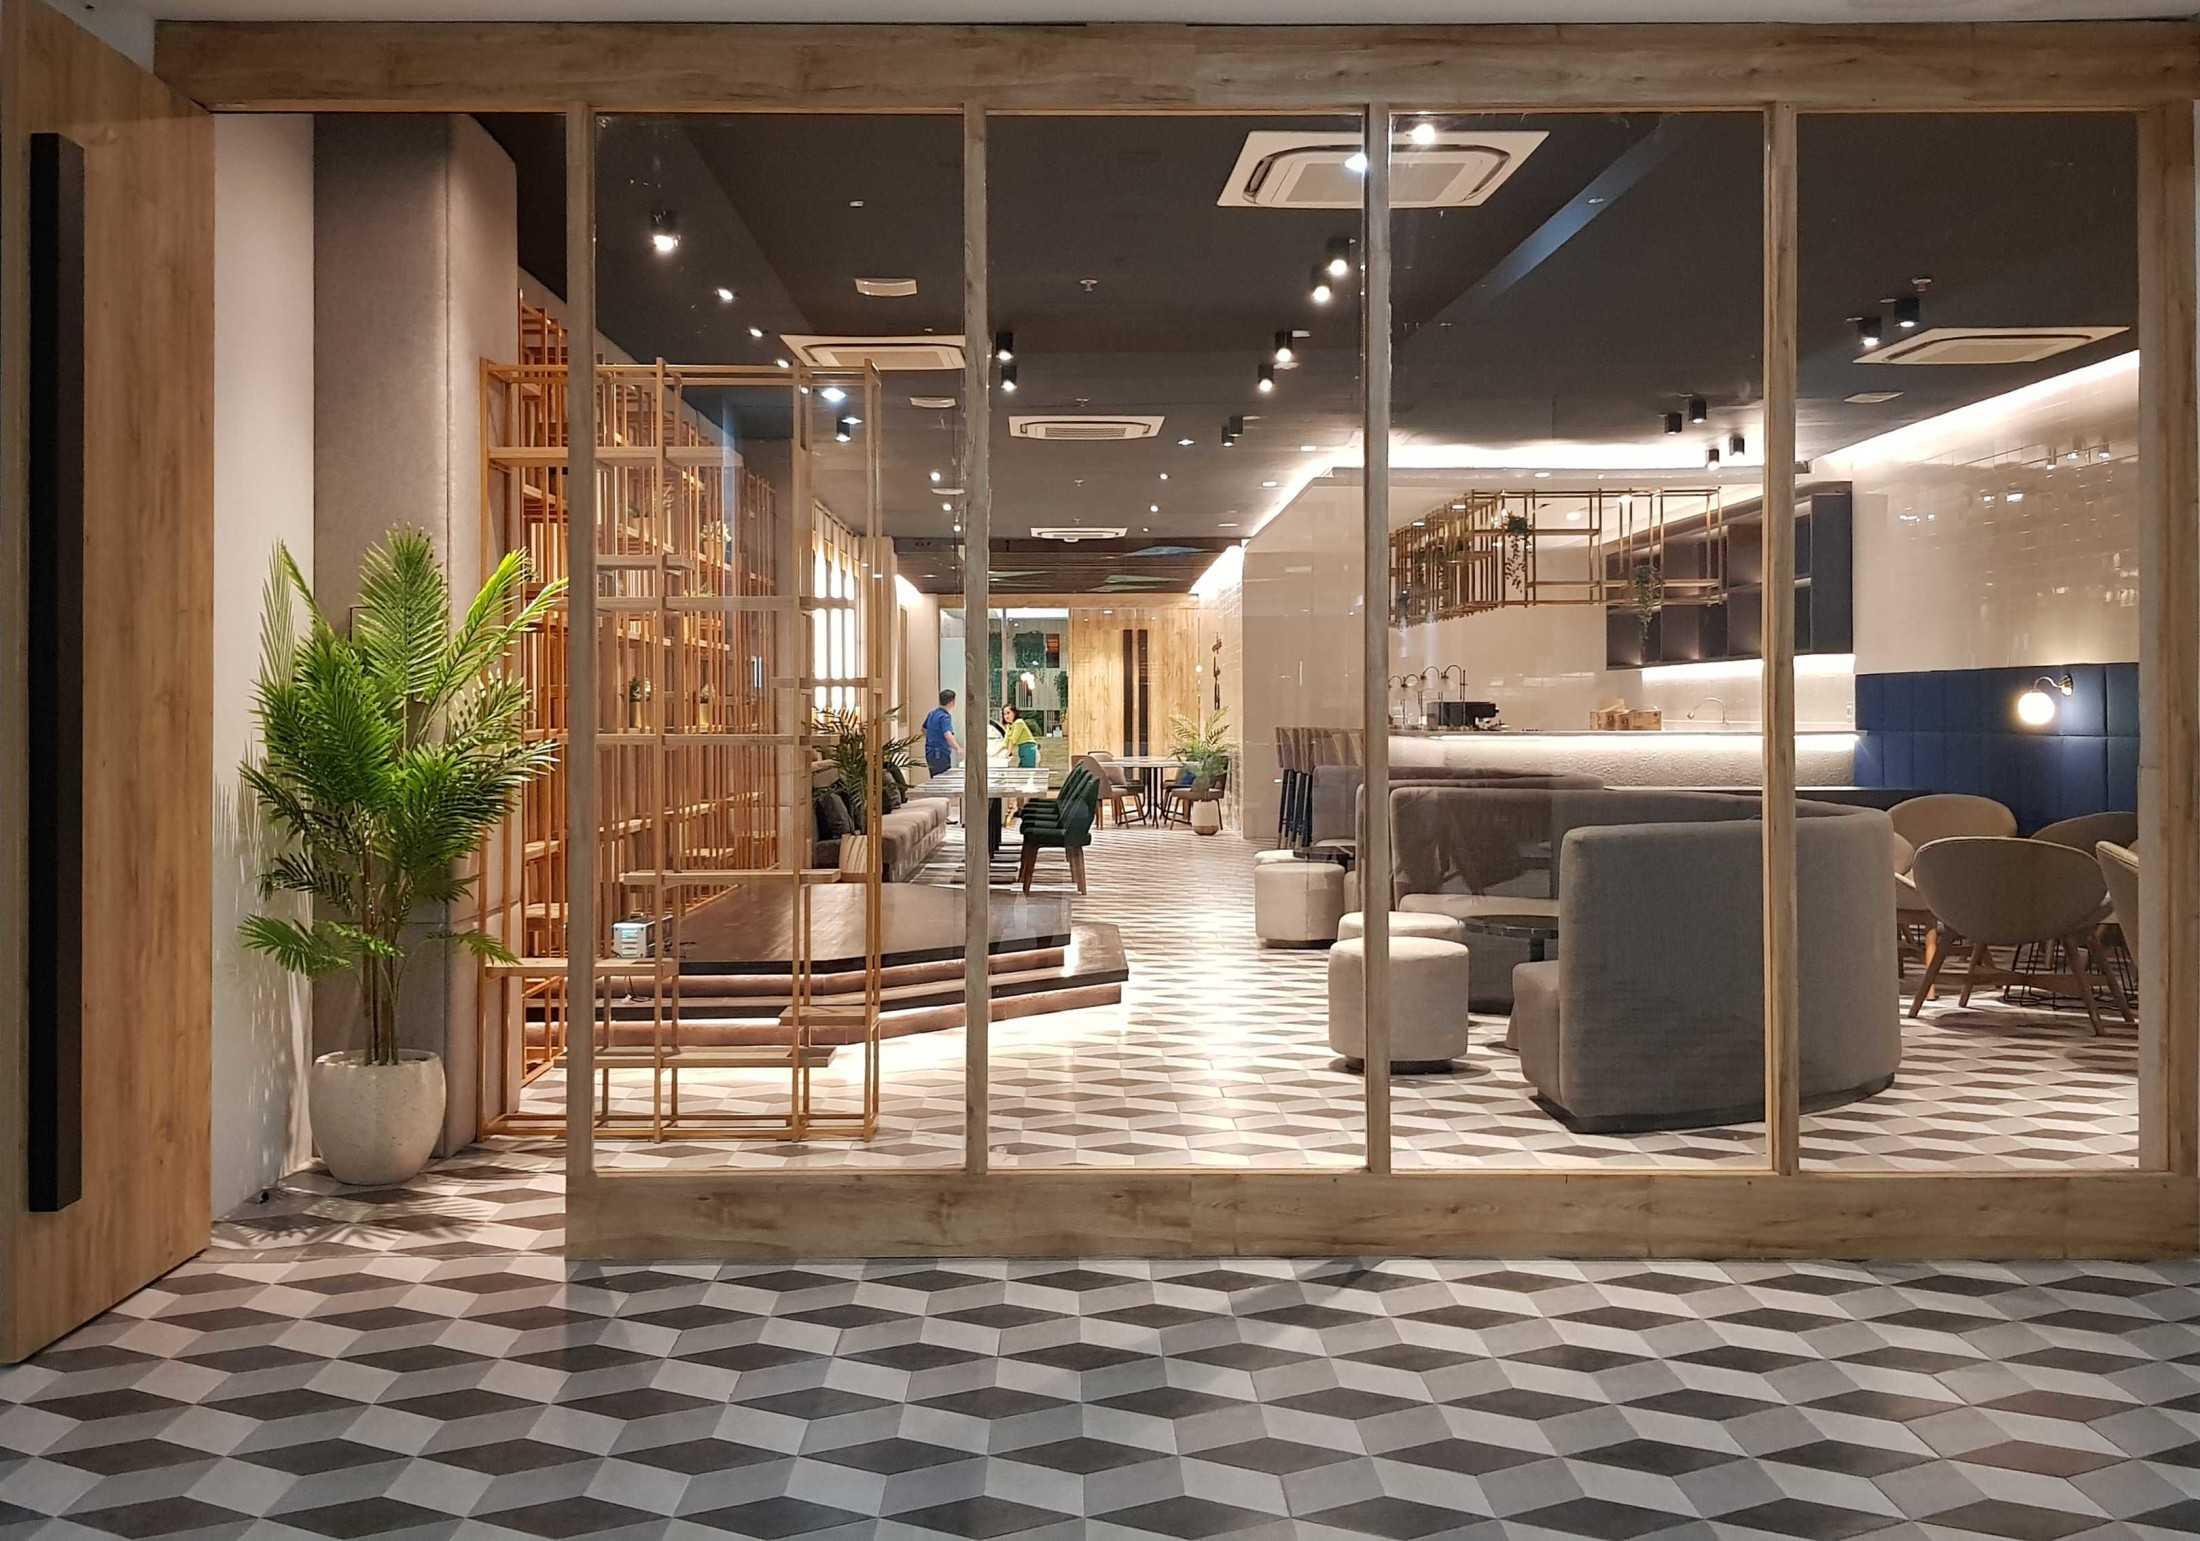 Jasa Design and Build ruang komunal di Surabaya